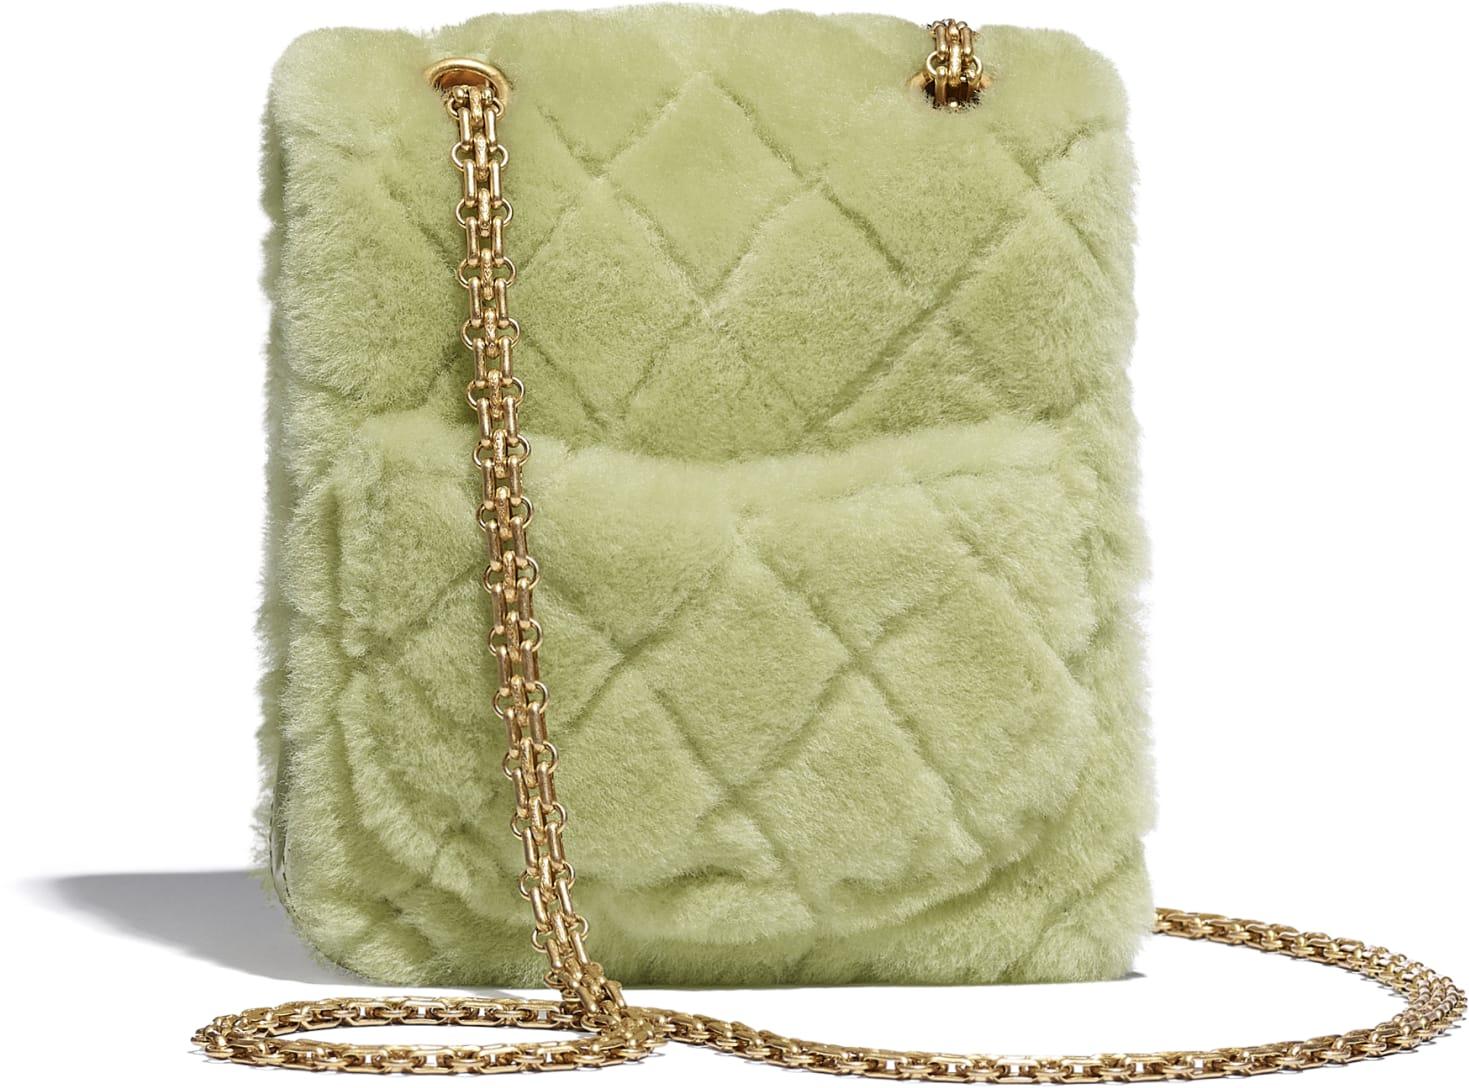 Mini 2.55 Handbag